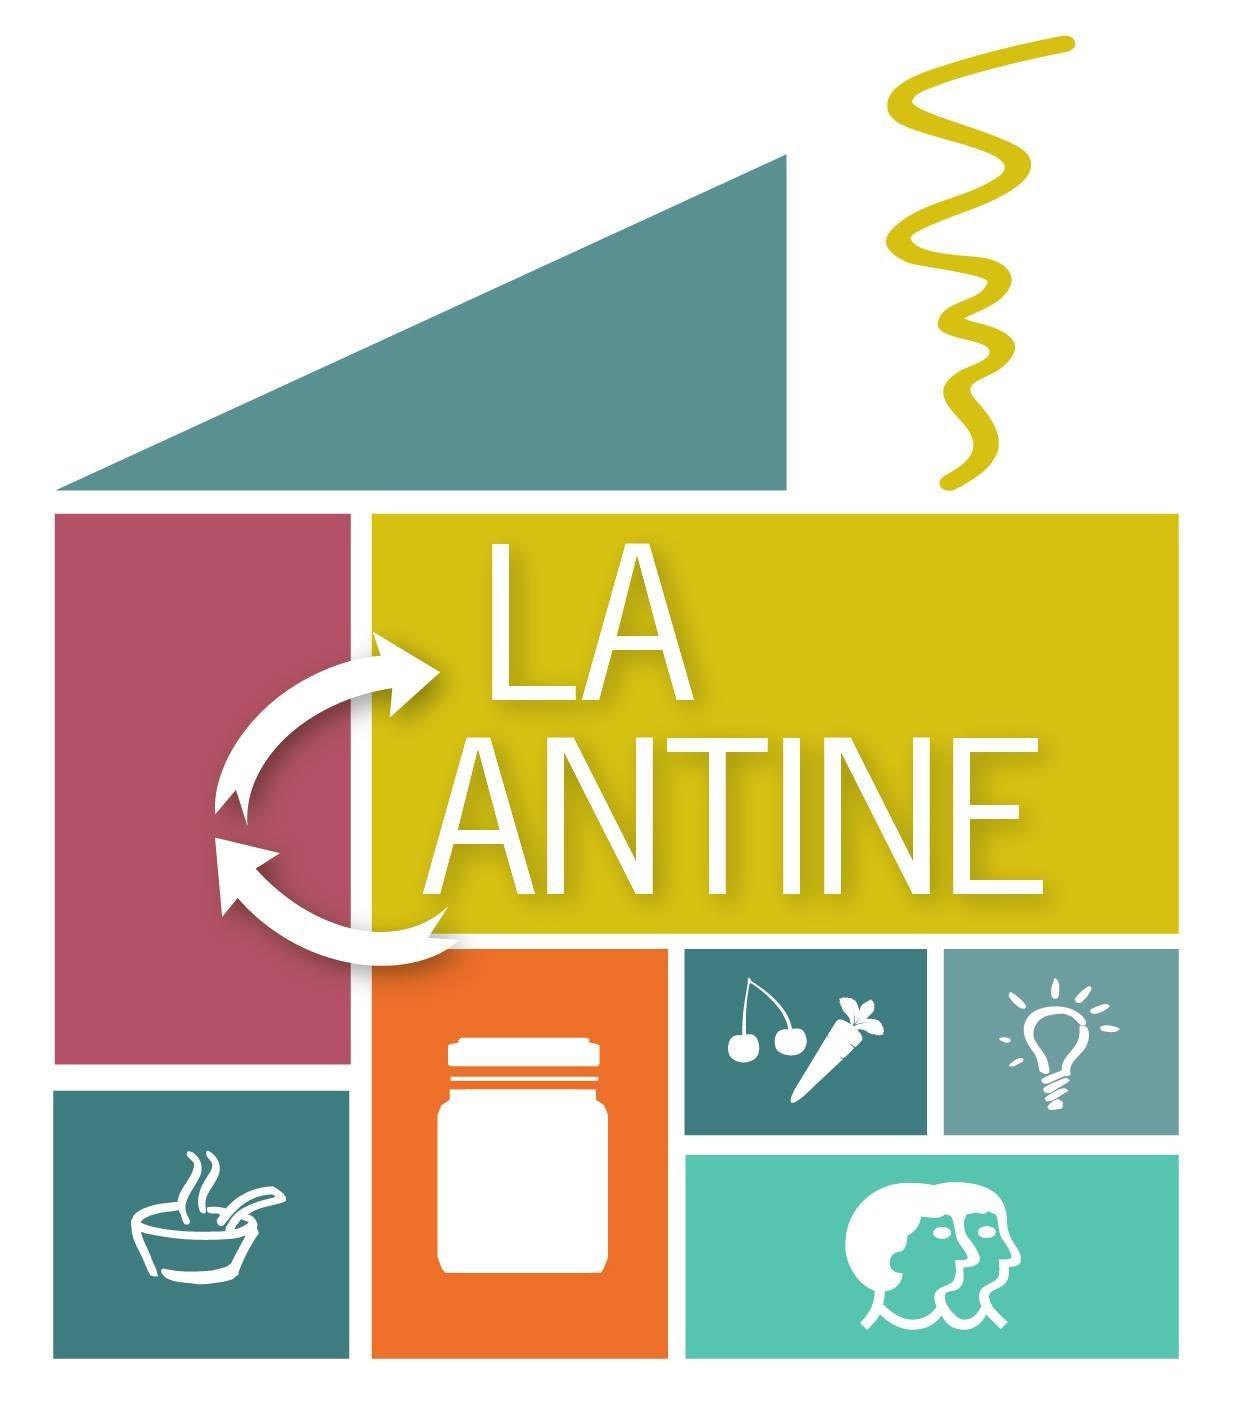 D'Ouvre-Boîtes à La Cantine – Le bilan des actions menées